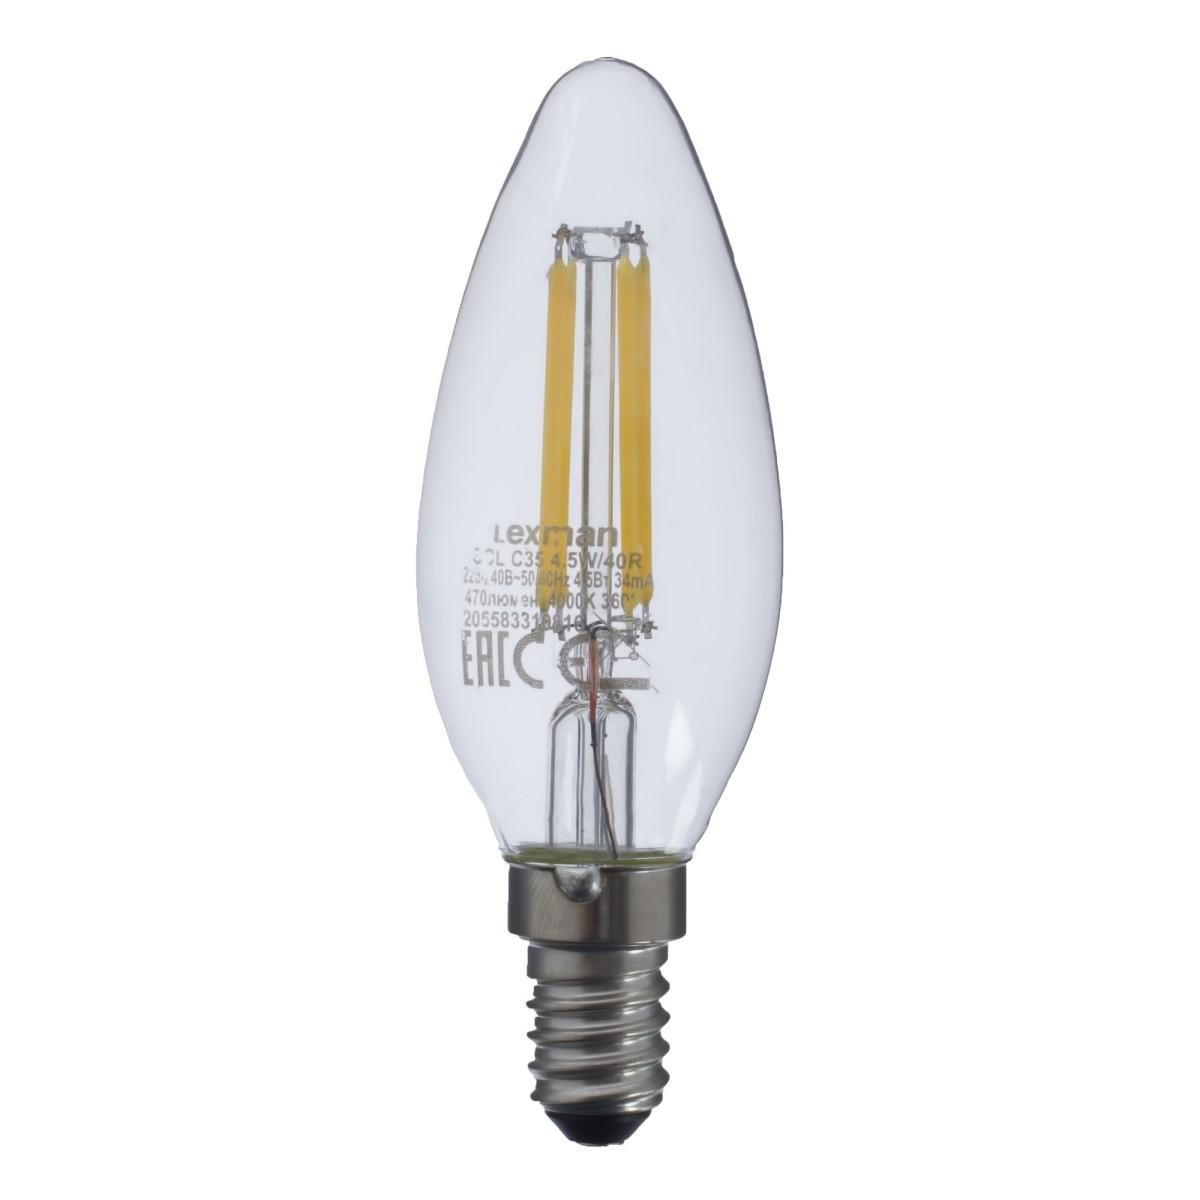 Лампа светодиодная Lexman свеча E14 4.5 Вт 470 Лм свет холодный белый